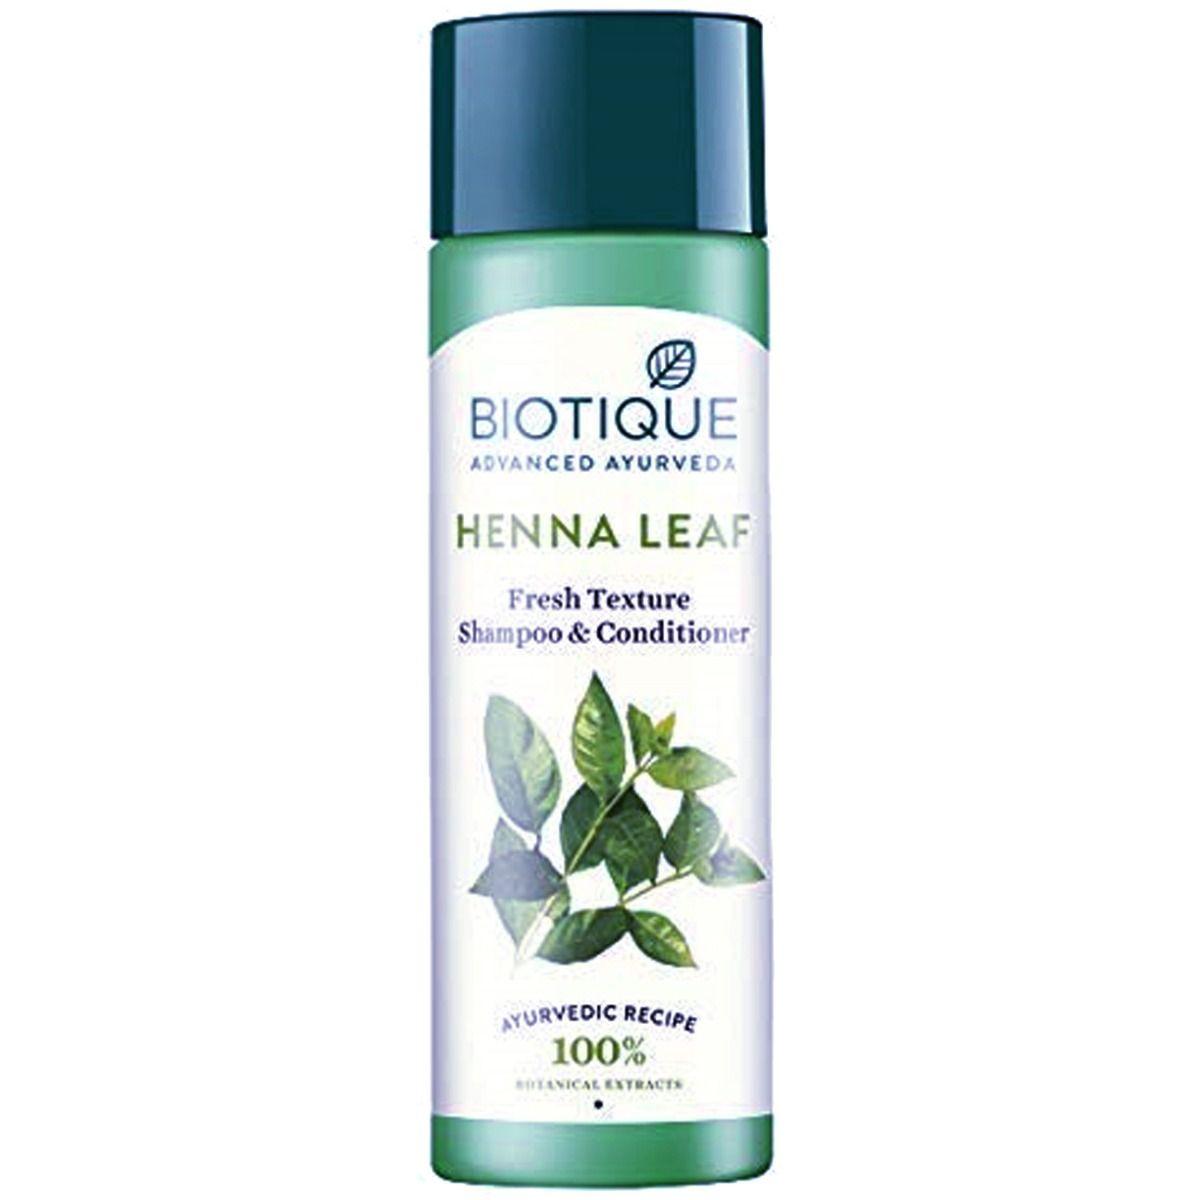 Biotique Henna Leaf Fresh Texture Shampoo & Conditioner, 120 ml